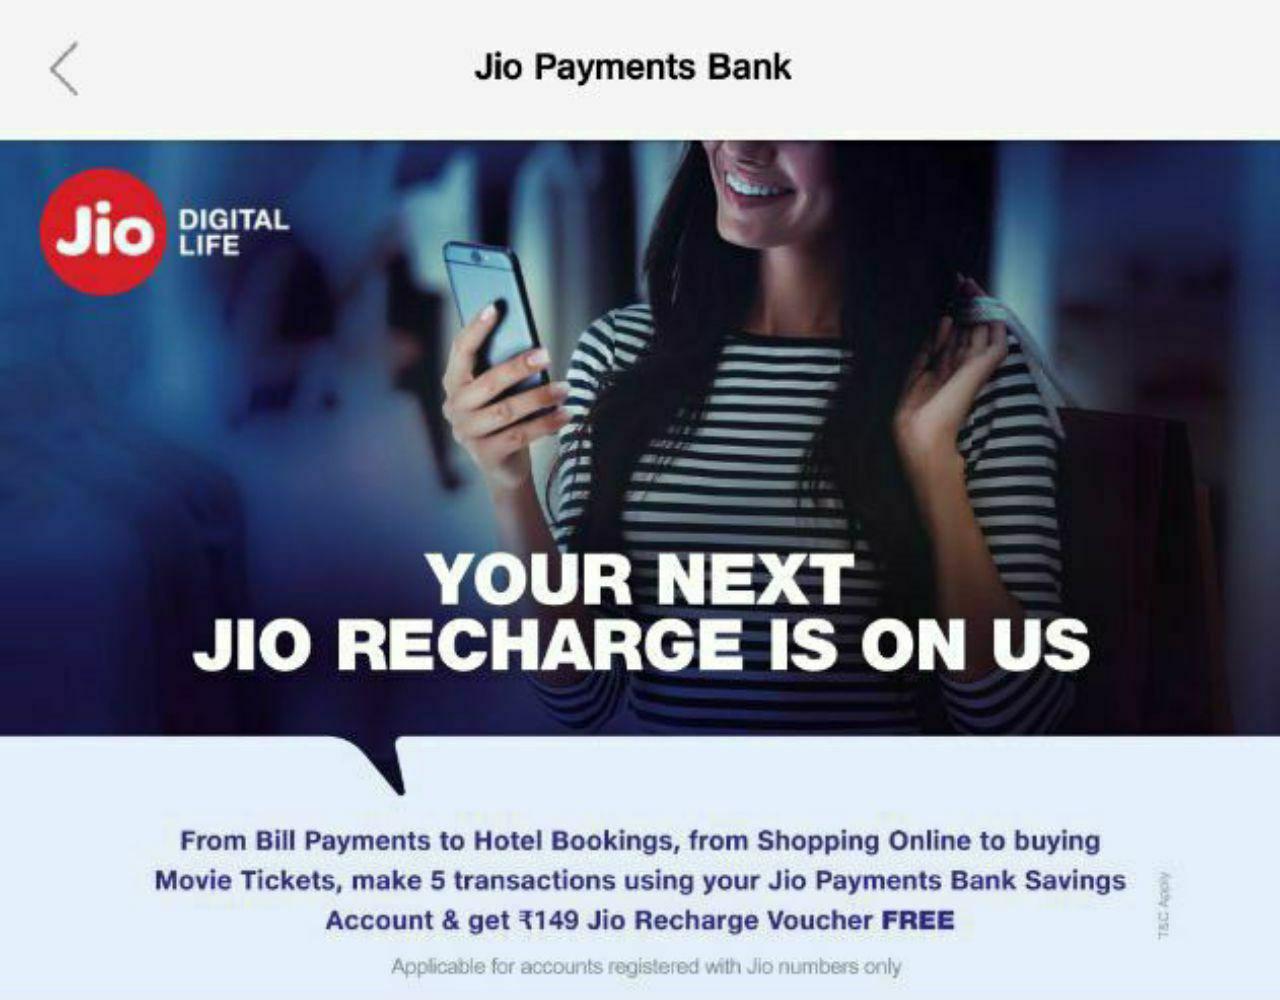 Jio payment bank savings account, Jio payment bank, Jio payment bank instant account opening